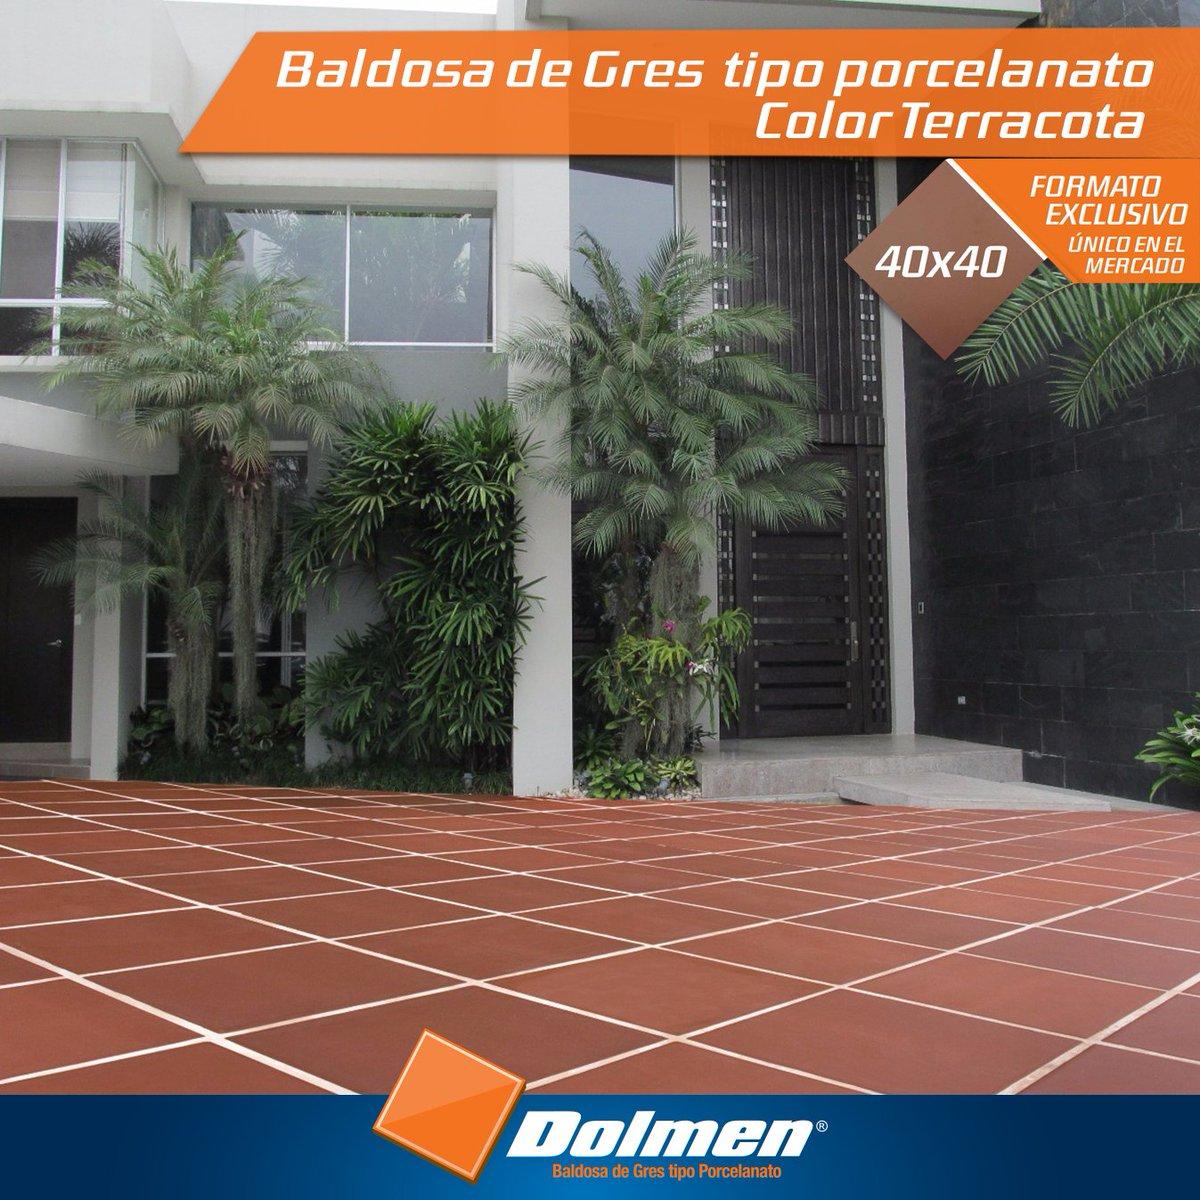 Dolmen ecuador on twitter realza los pisos exteriores de for Baldosas para pisos exteriores